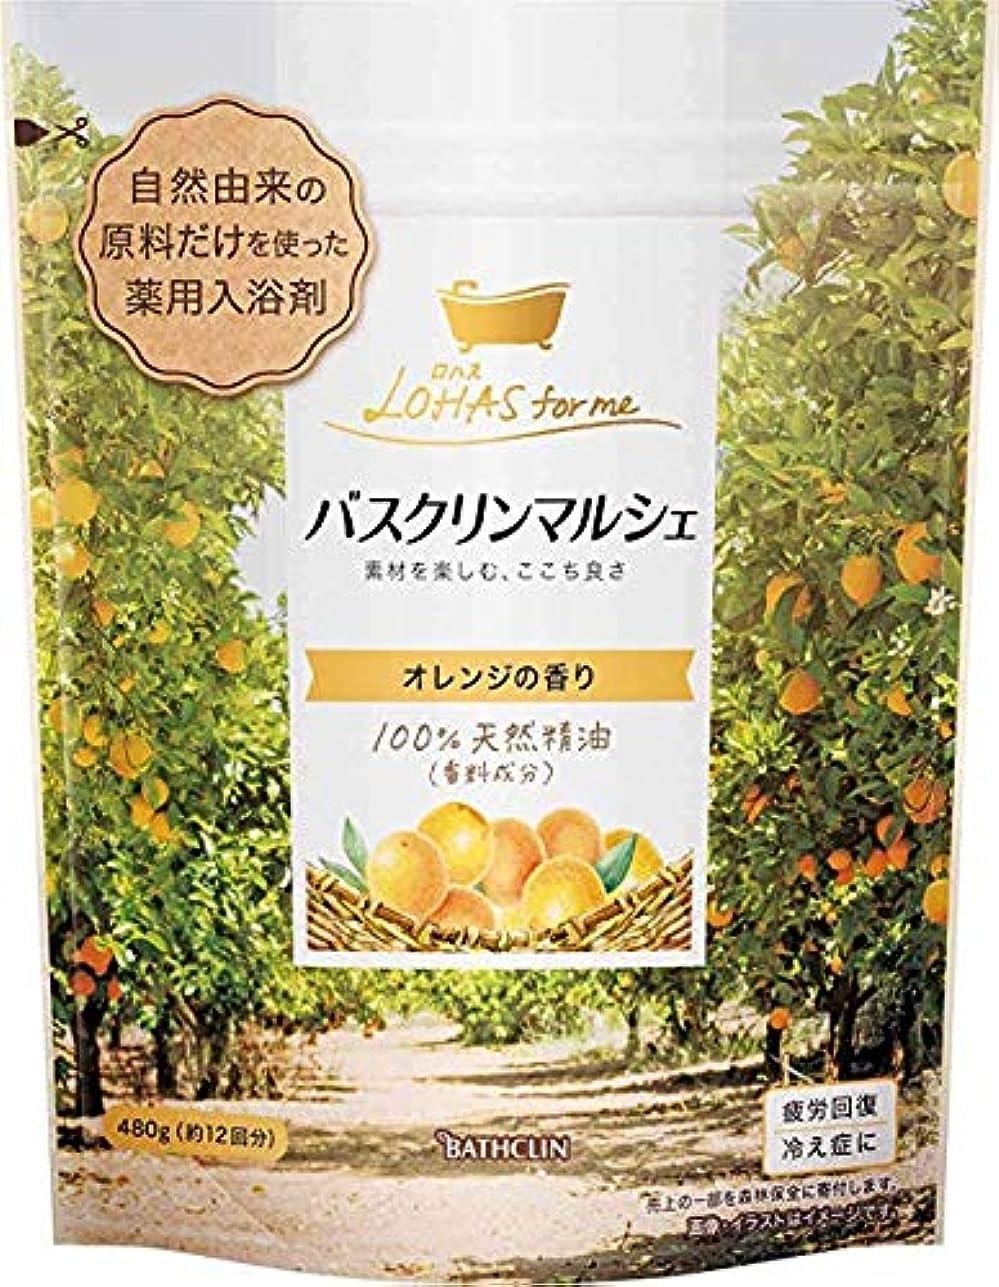 フォーラム誘惑コンクリート【合成香料無添加/医薬部外品】バスクリンマルシェオレンジの香り480g入浴剤